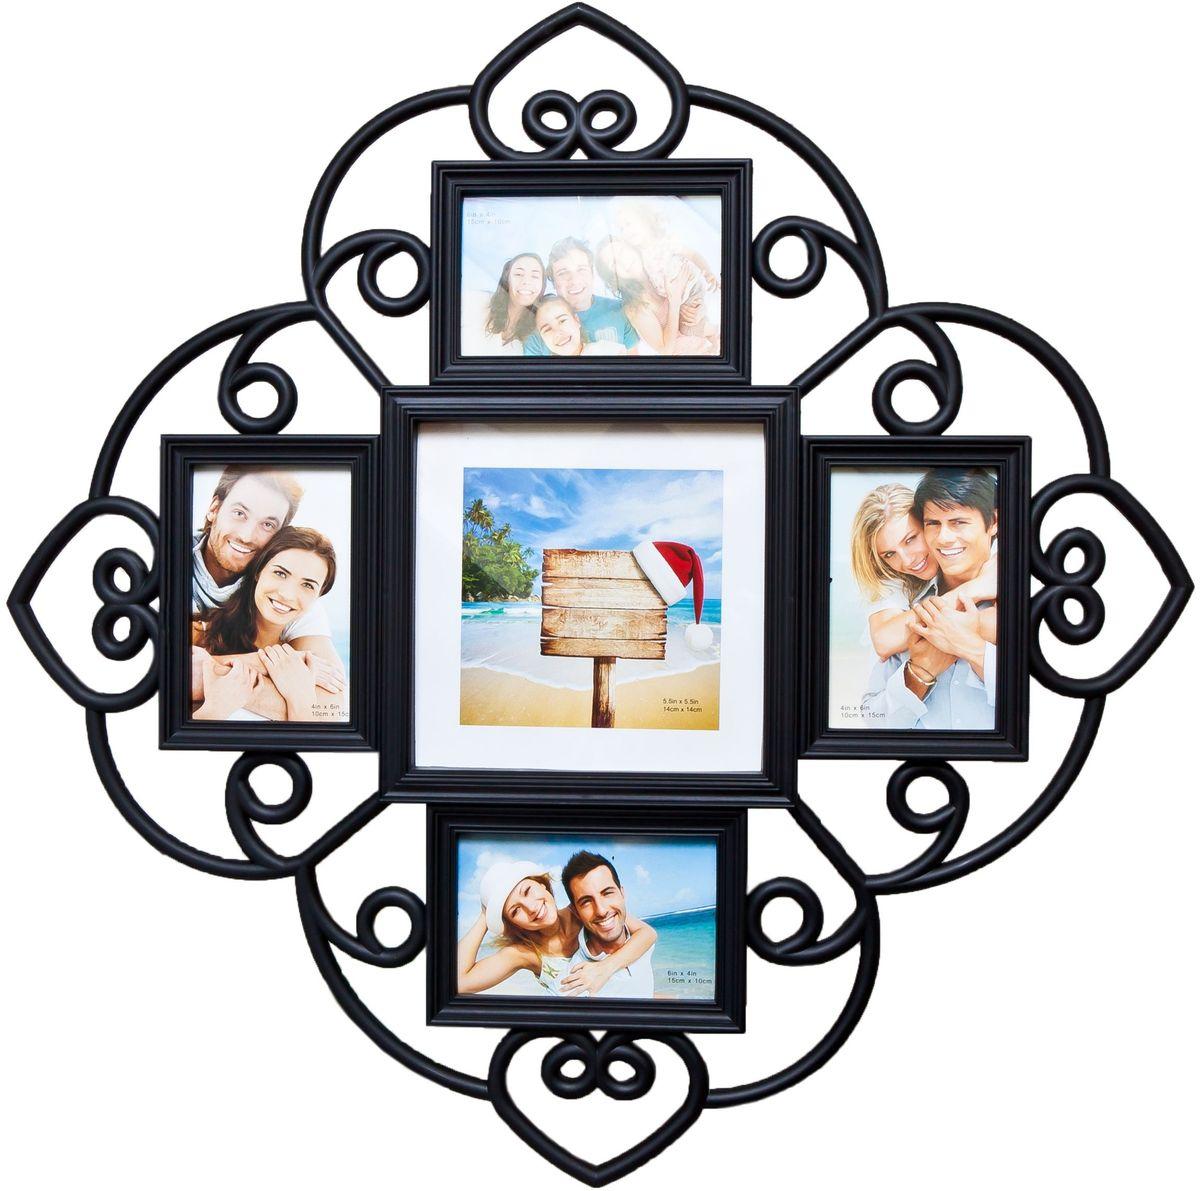 Фоторамка Platinum, цвет: черный, на 5 фото. BH-1405PLATINUM BH-1405-Black-ЧёрныйФоторамка Platinum - прекрасный способ красиво оформить ваши фотографии. Фоторамка выполнена из пластика и защищена стеклом. Фоторамка-коллаж представляет собой пять фоторамок для фото разного размера оригинально соединенных между собой. Такая фоторамка поможет сохранить в памяти самые яркие моменты вашей жизни, а стильный дизайн сделает ее прекрасным дополнением интерьера комнаты. Фоторамка подходит для 4 фото 10 х 15 см и 1 фото 14 х 14 см. Общий размер фоторамки: 53 х 53 см.